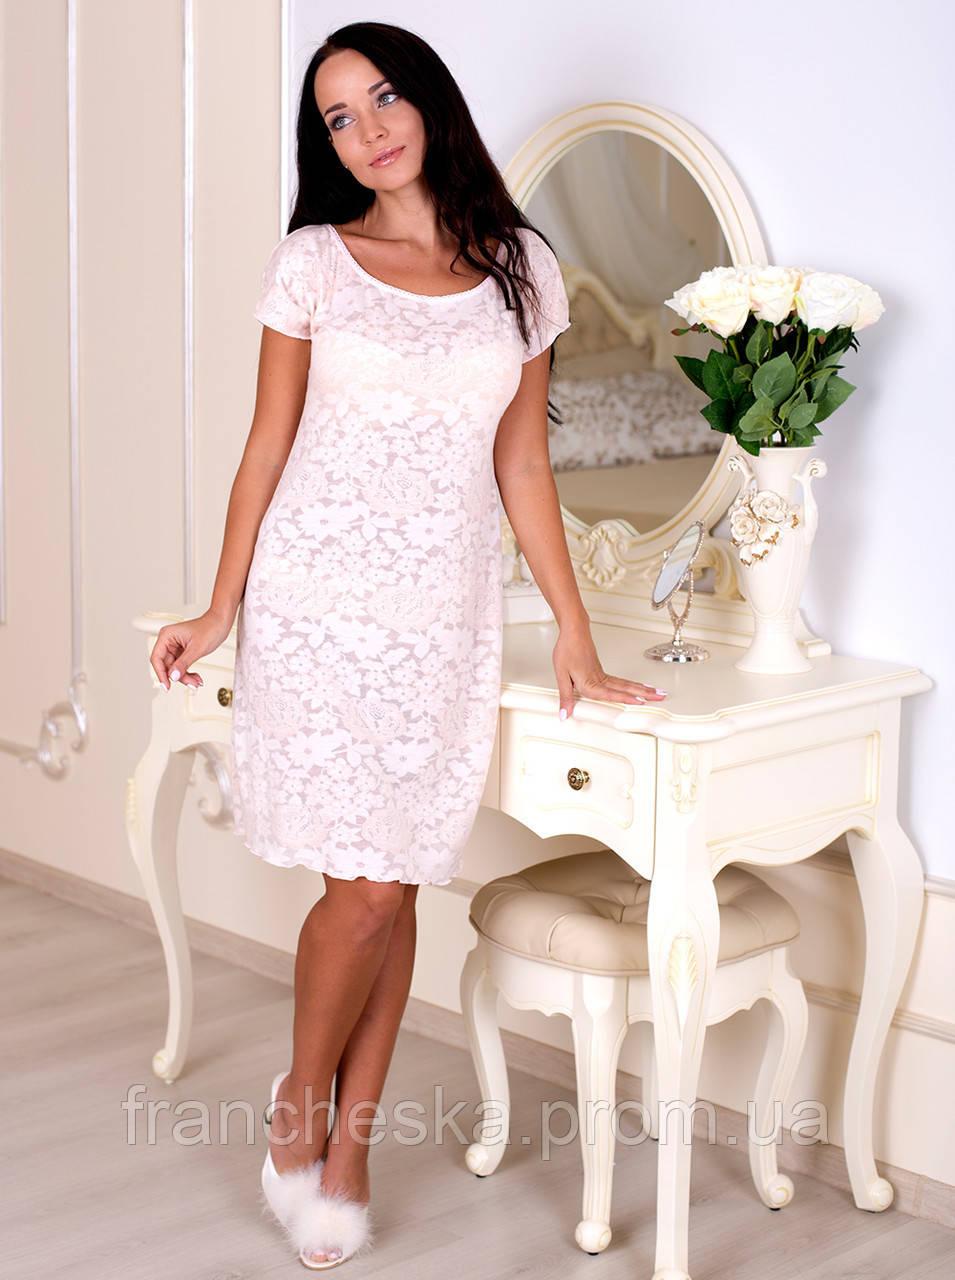 dff10f007723 Домашнее вискозное платье из коллекции